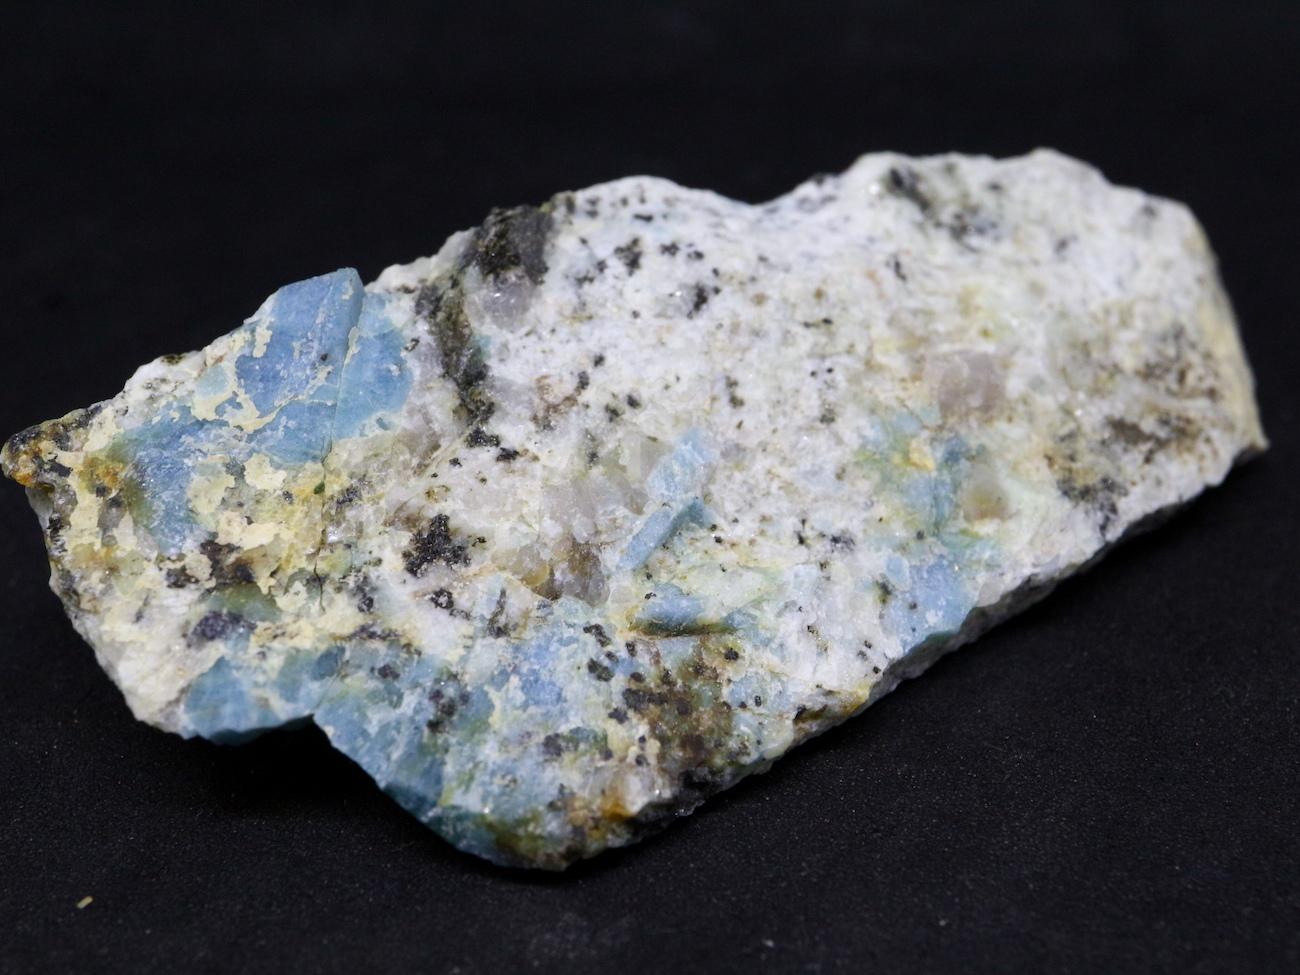 ブルーベリルアクアマリン カリフォルニア産  31,9g 原石 AQ051 鉱物 原石 天然石 パワーストーン